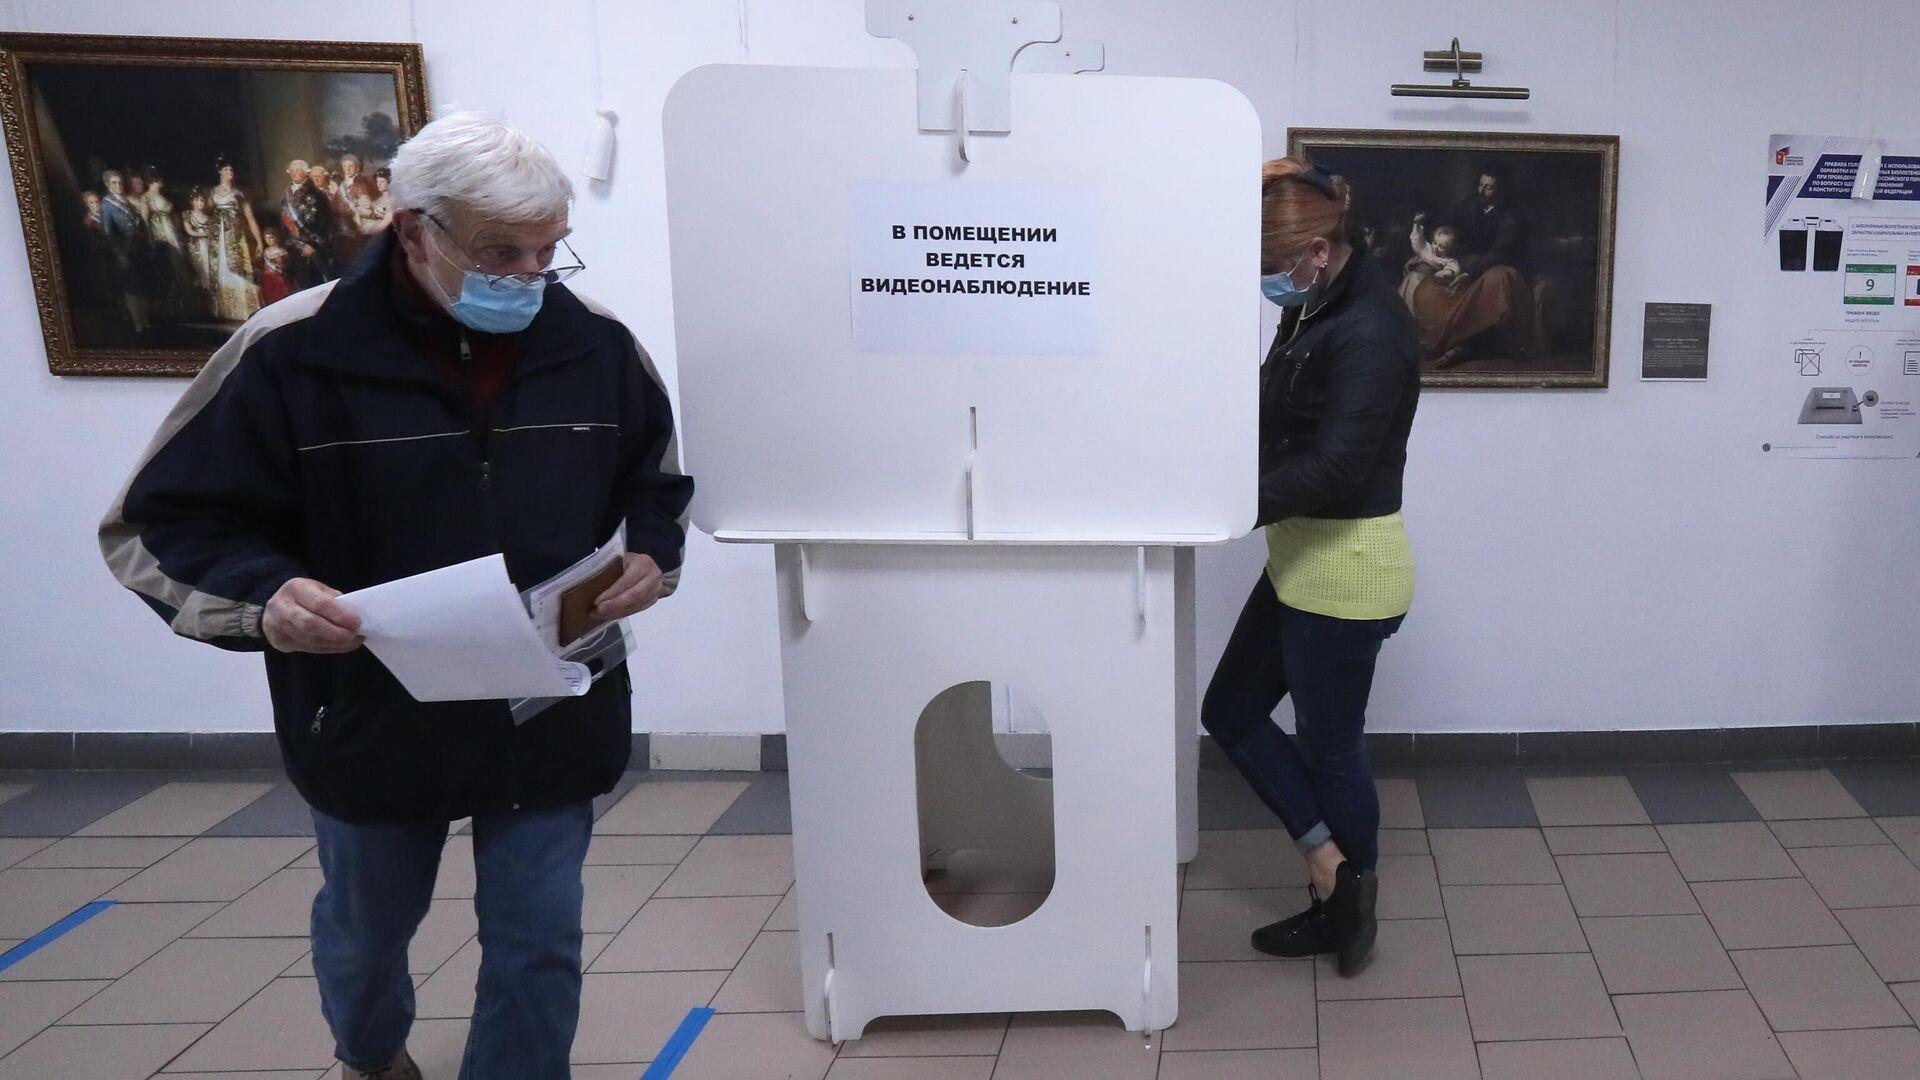 Избиратели голосуют в единый день голосования в Москве - РИА Новости, 1920, 13.09.2020